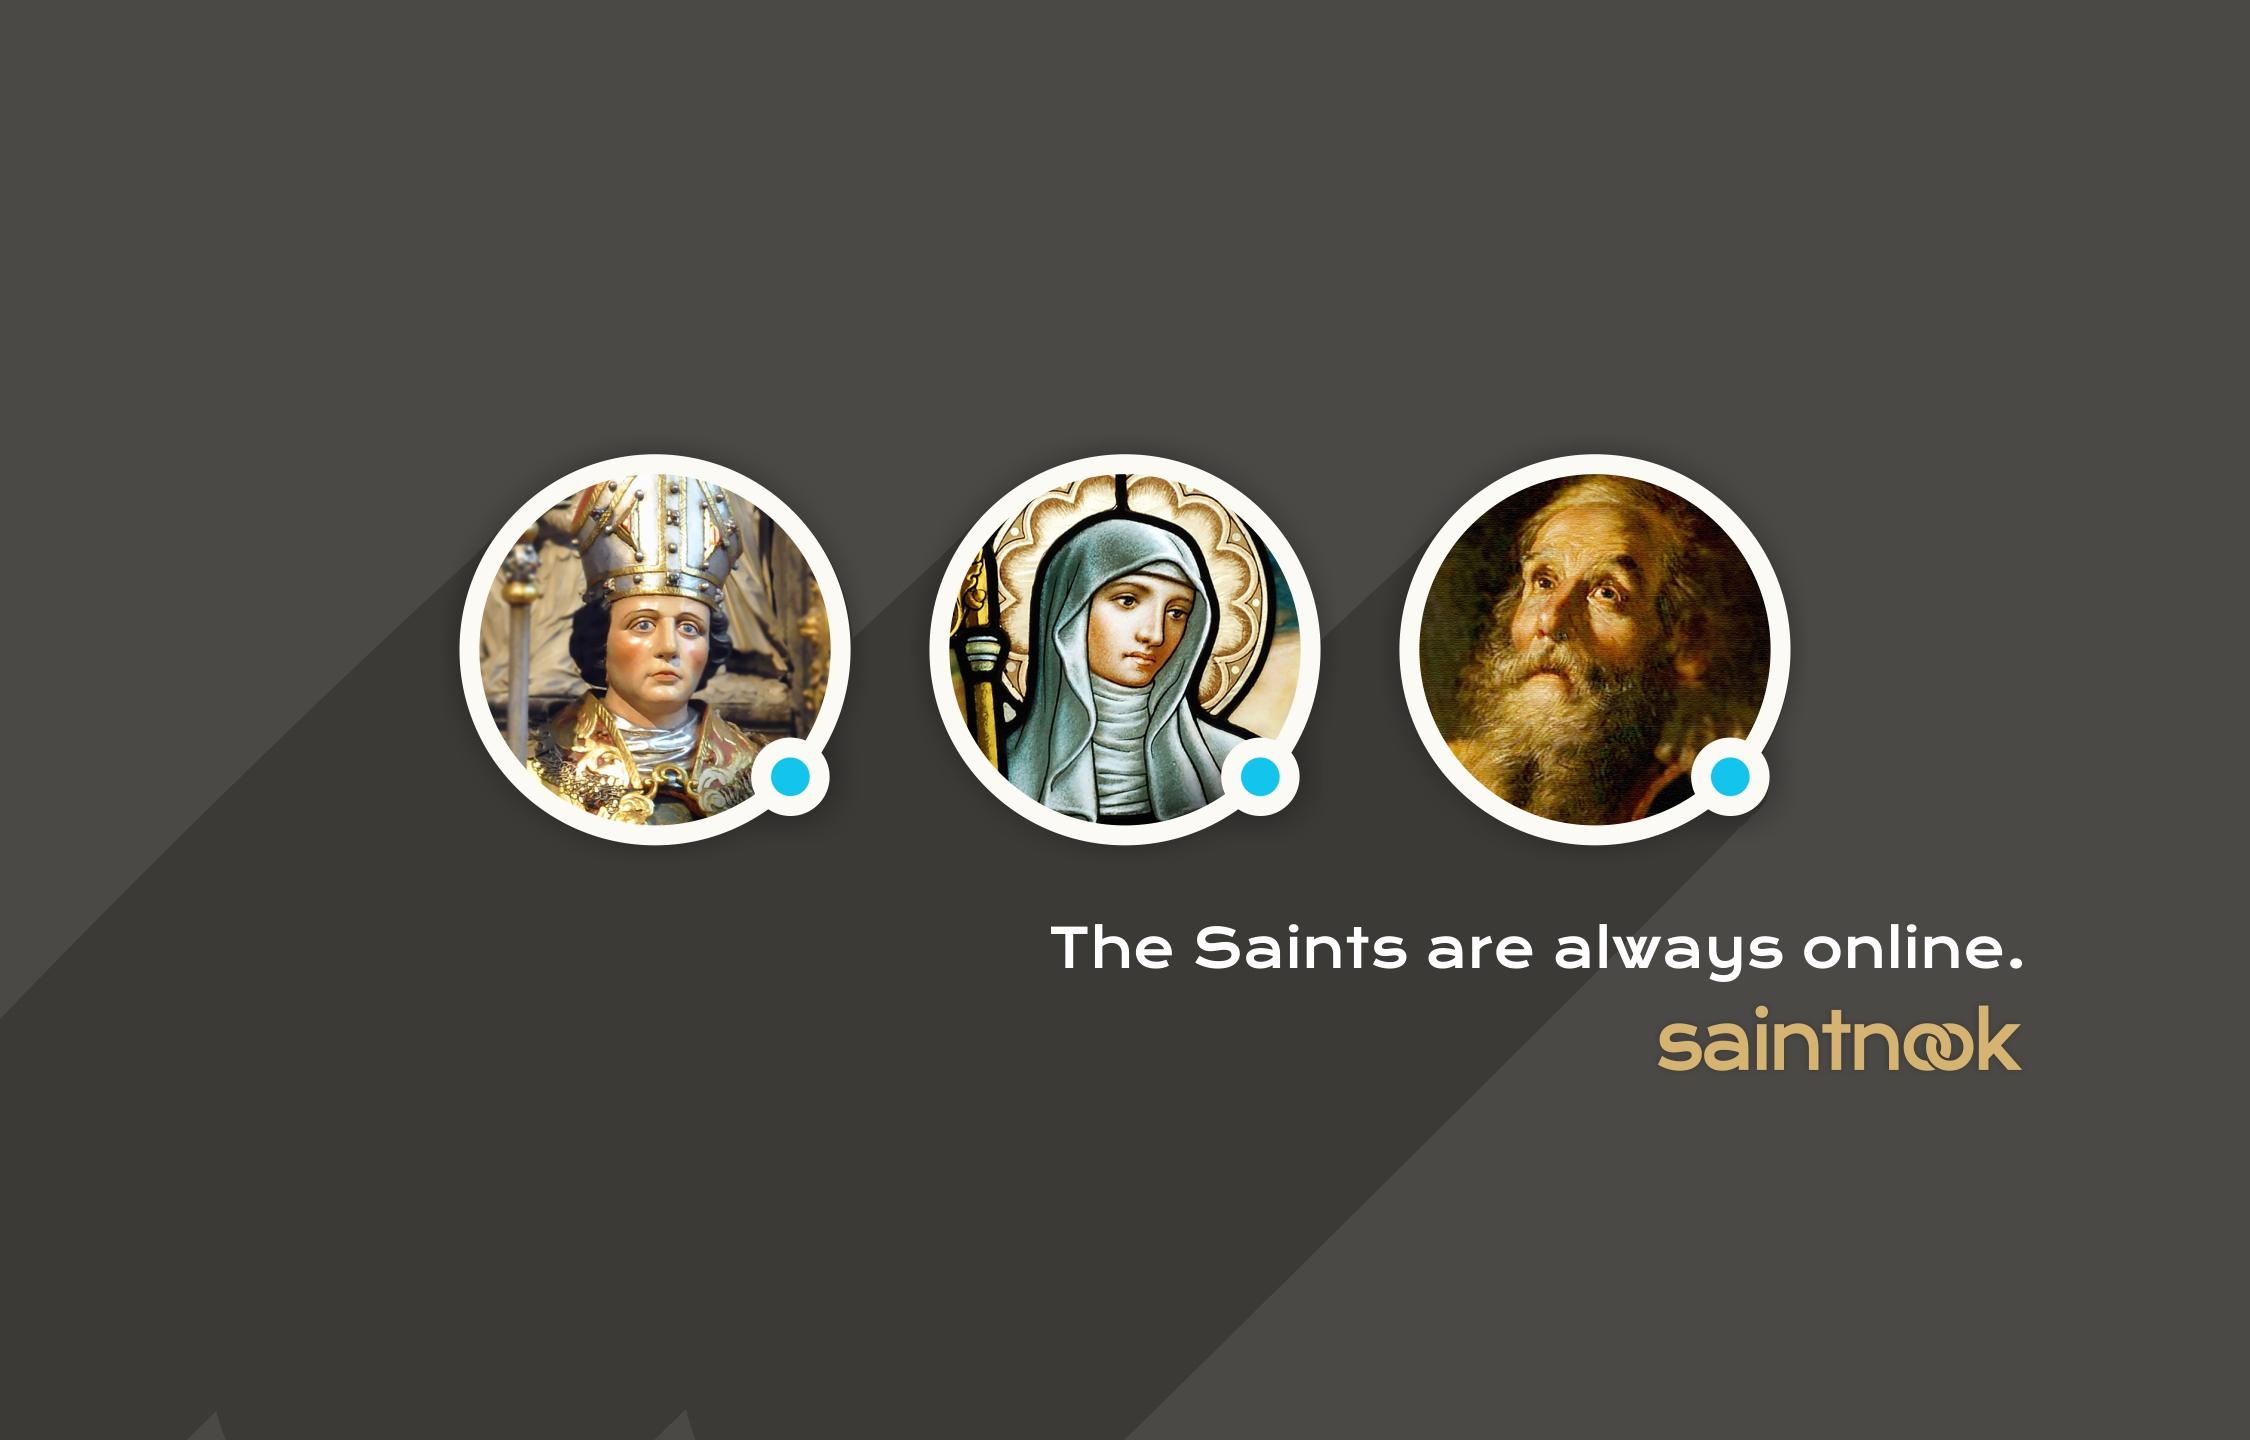 About SaintNook